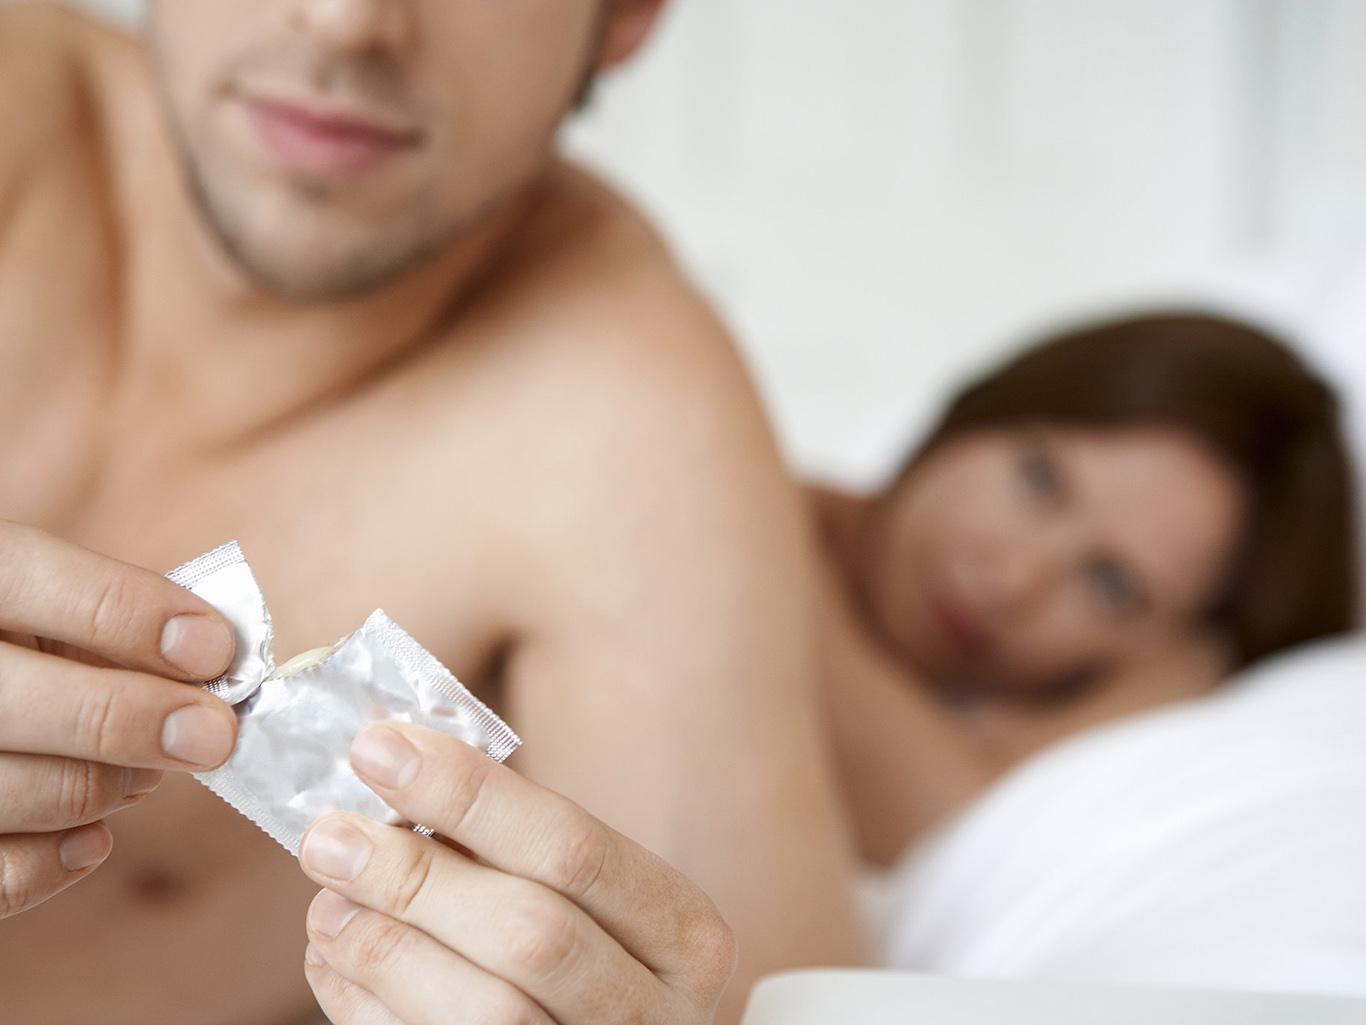 mozhno-li-masturbirovat-posle-privivki